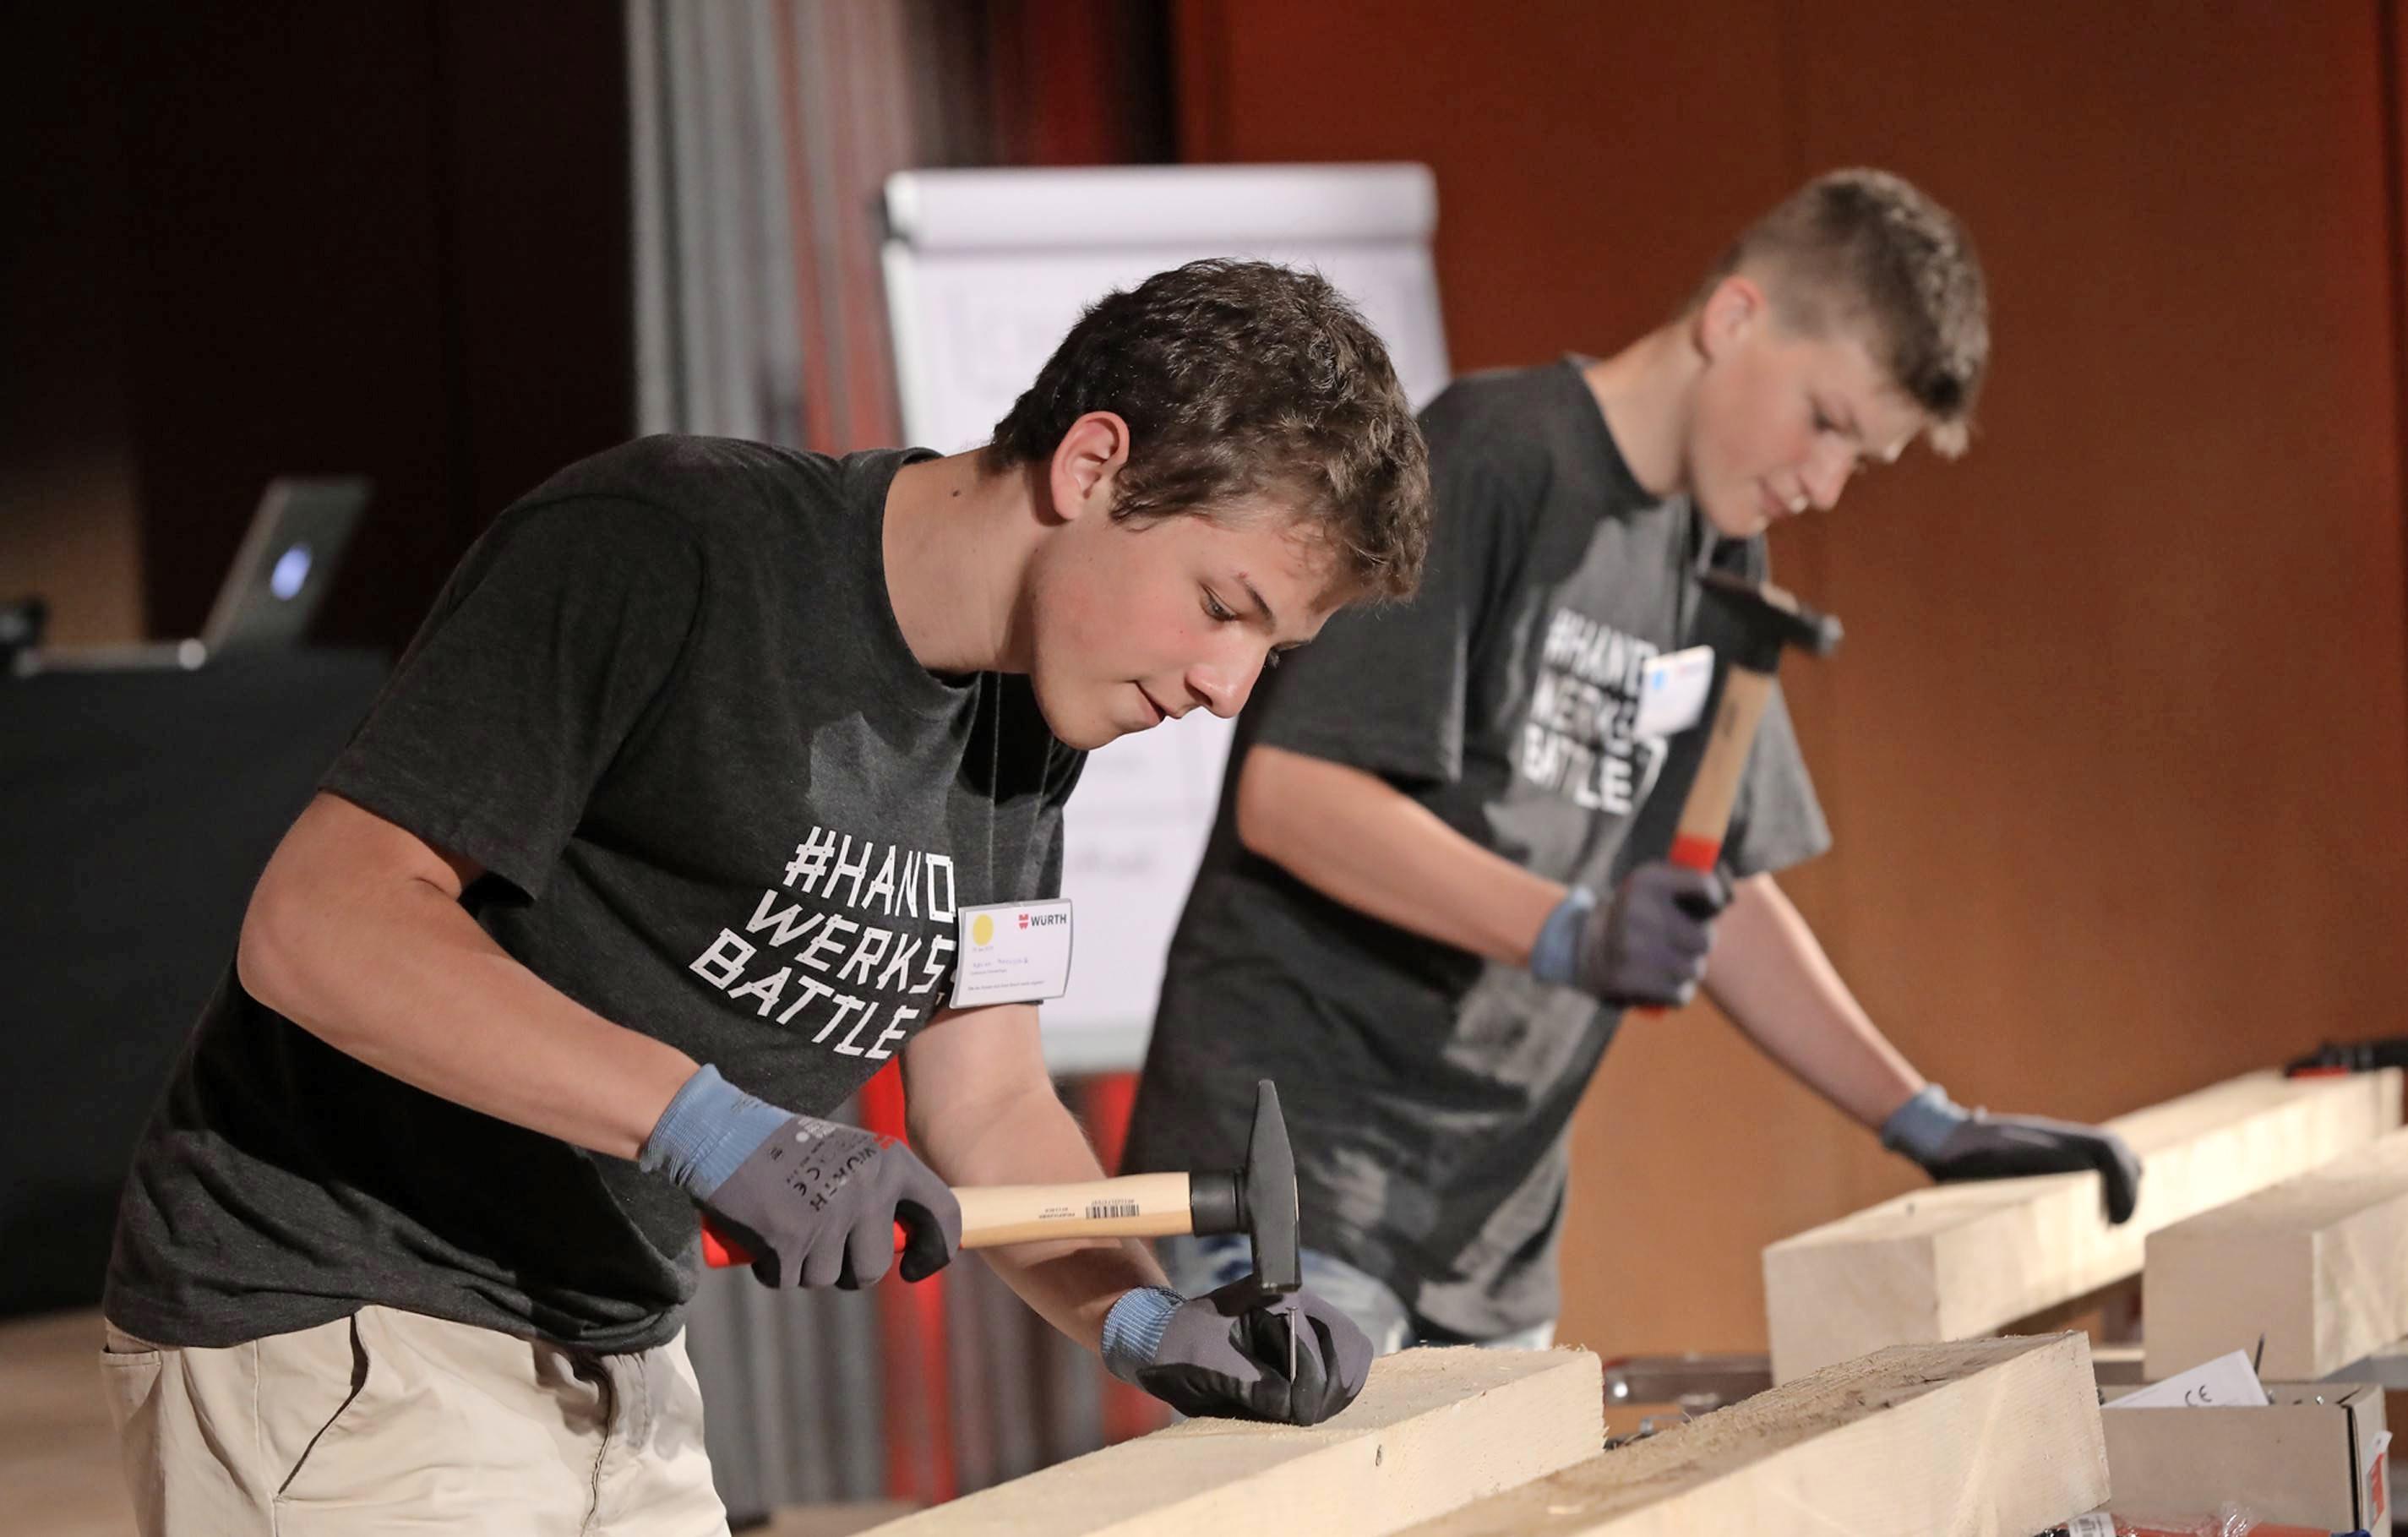 """""""Mach was! Das Handwerksbattle"""": Bei der Abschlussveranstaltung gab es kleine handwerkliche Wettbewerbe. Foto: Andi Schmid, München"""